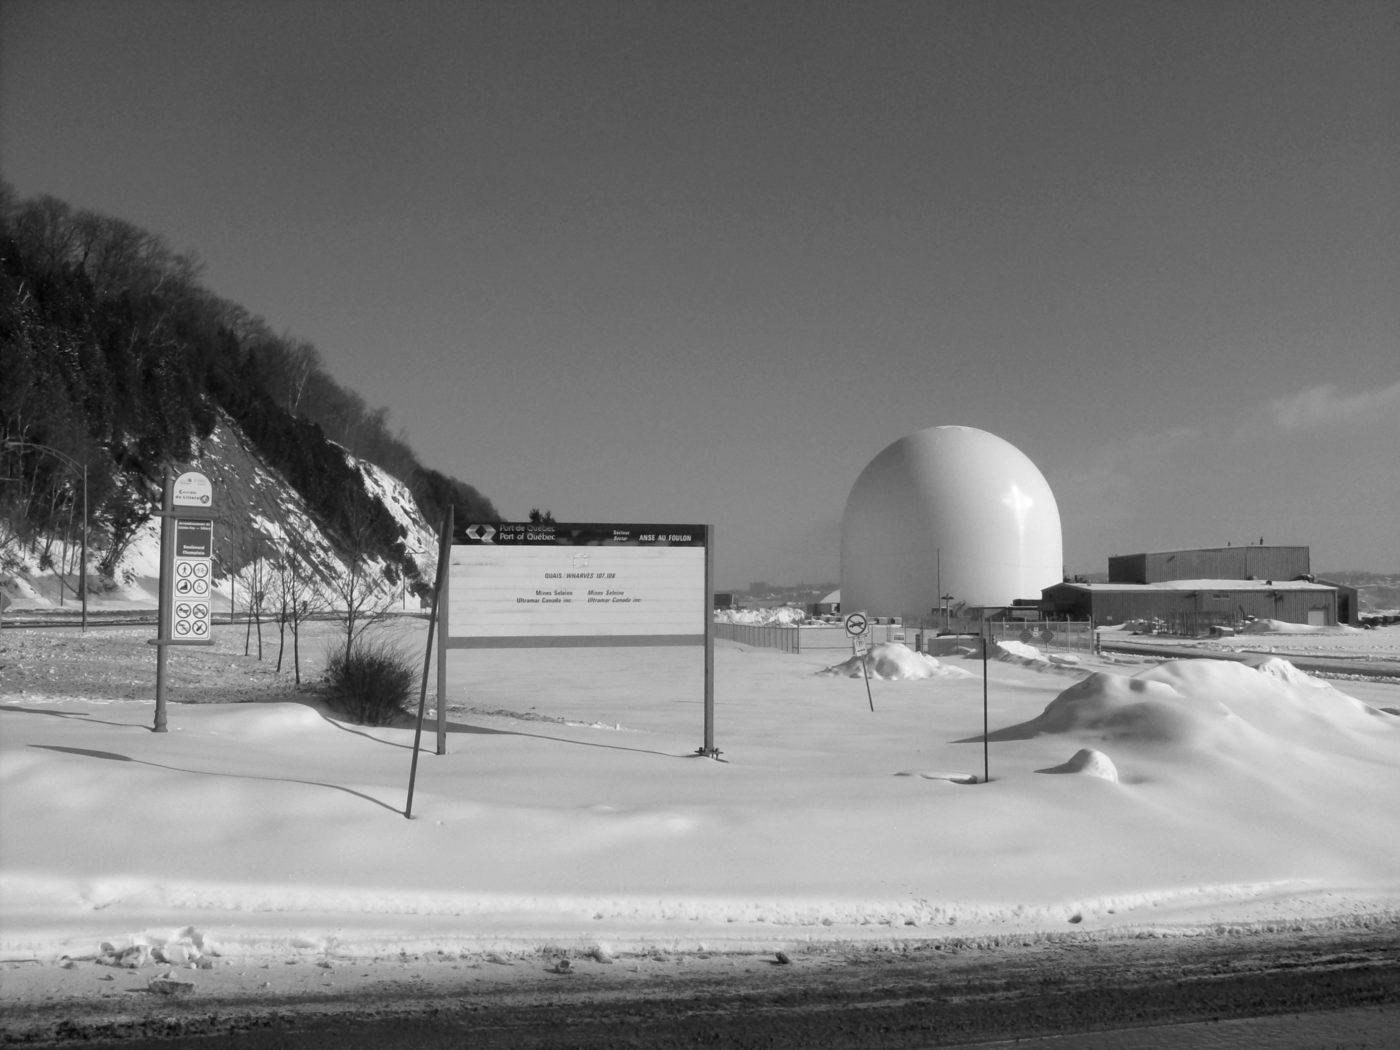 Le nouveau silo construit par Arrimage Québec aux abords du boulevard Champlain. Photo: Nathalie Côté